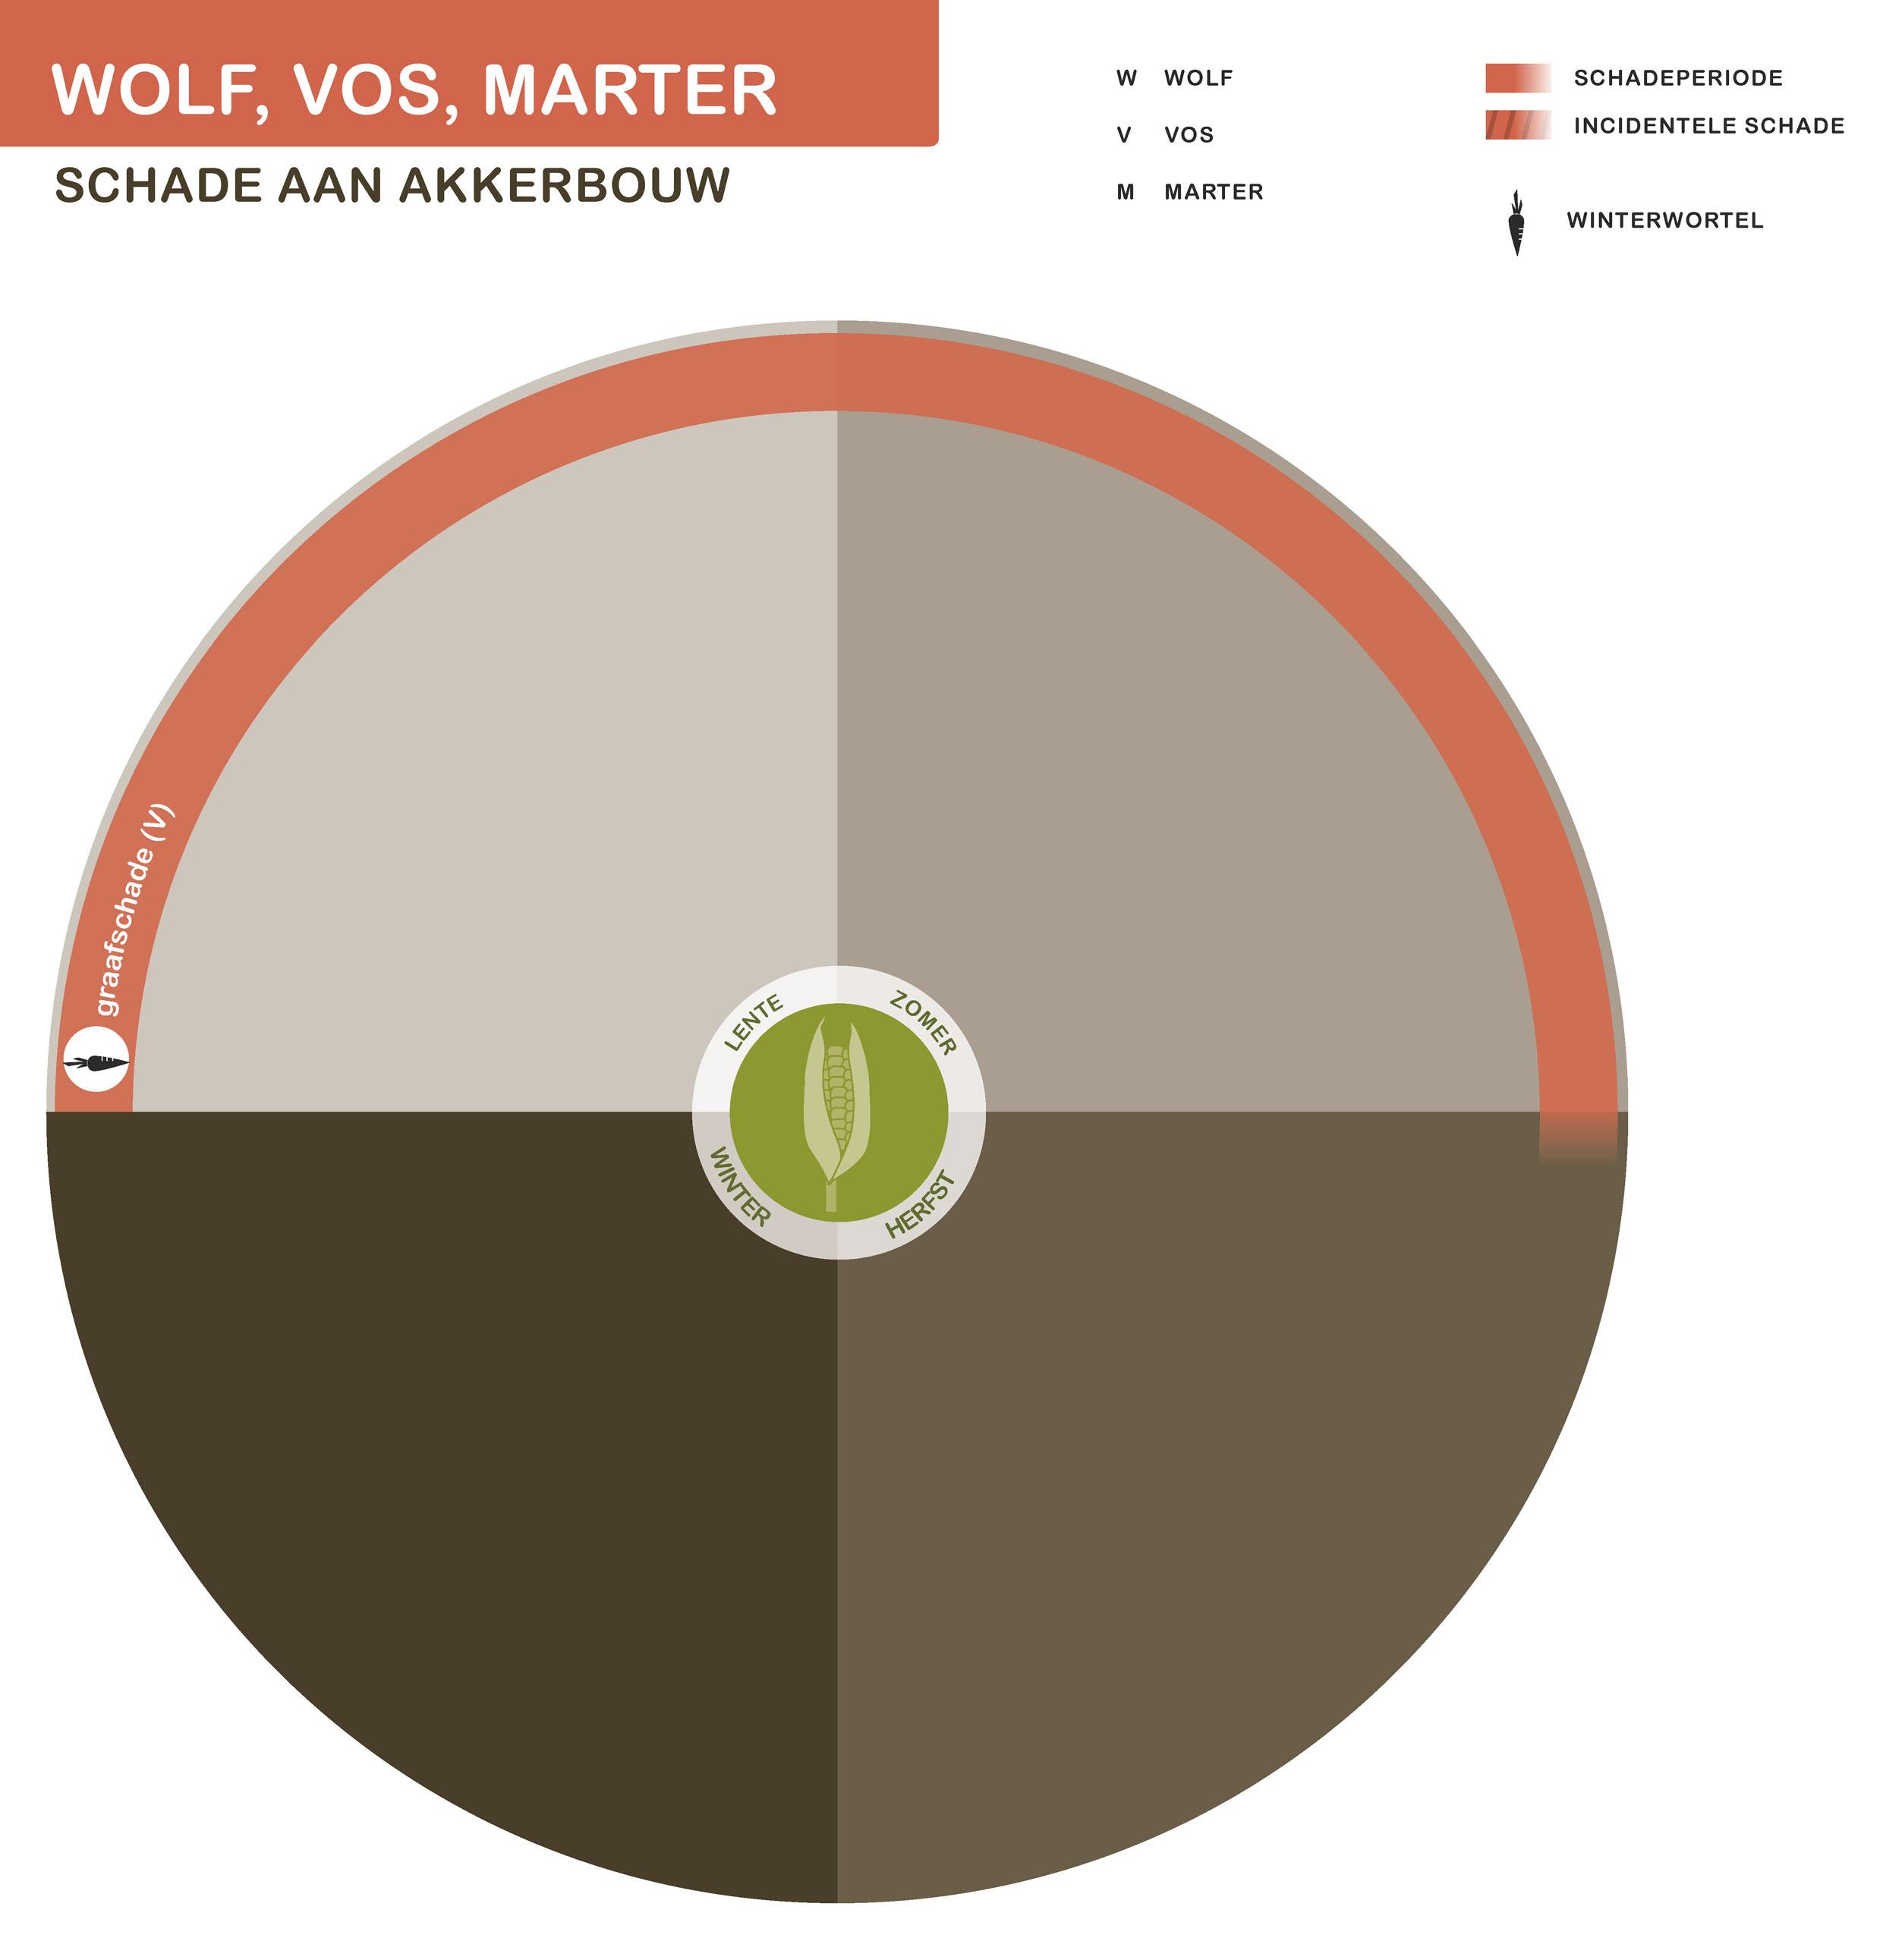 FPK-infogr-wolfvos-akkerbouw-1